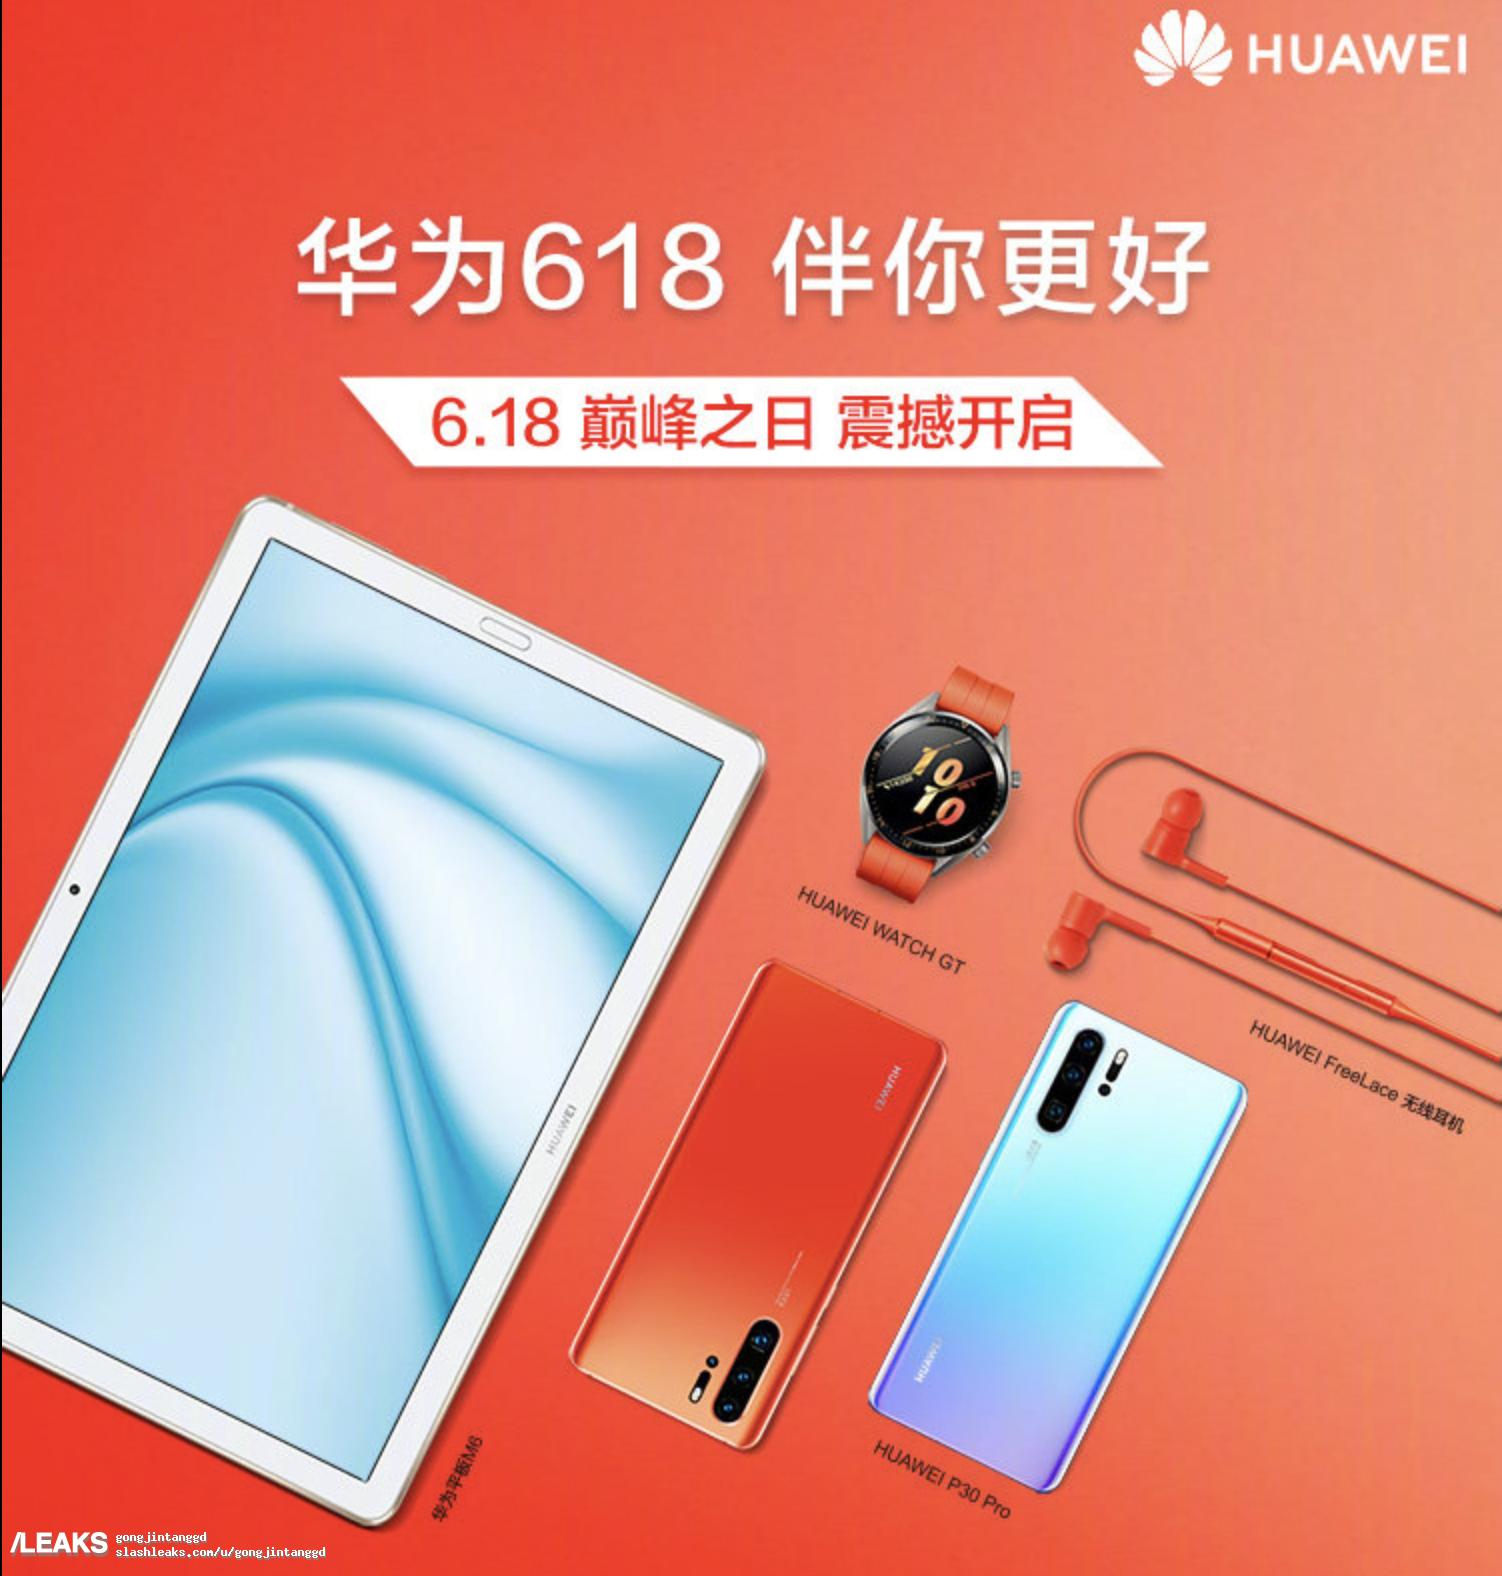 img Huawei mediapad m6 series leaks in vmall